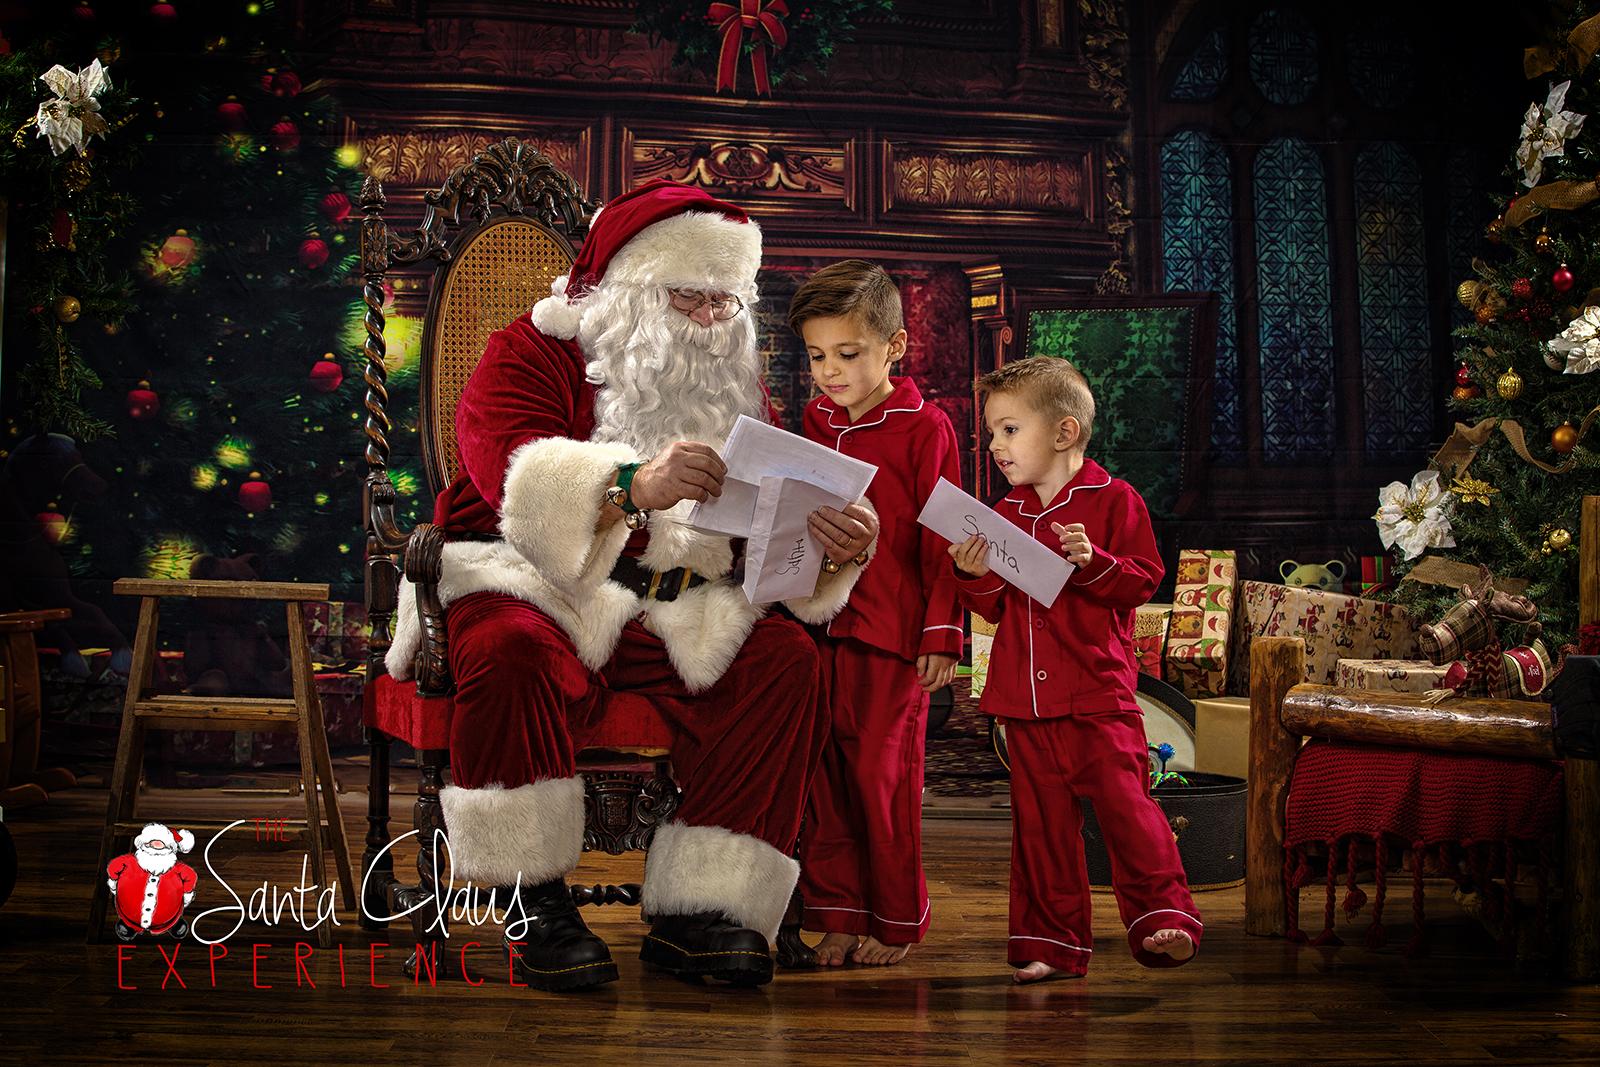 Santa Photography Experience